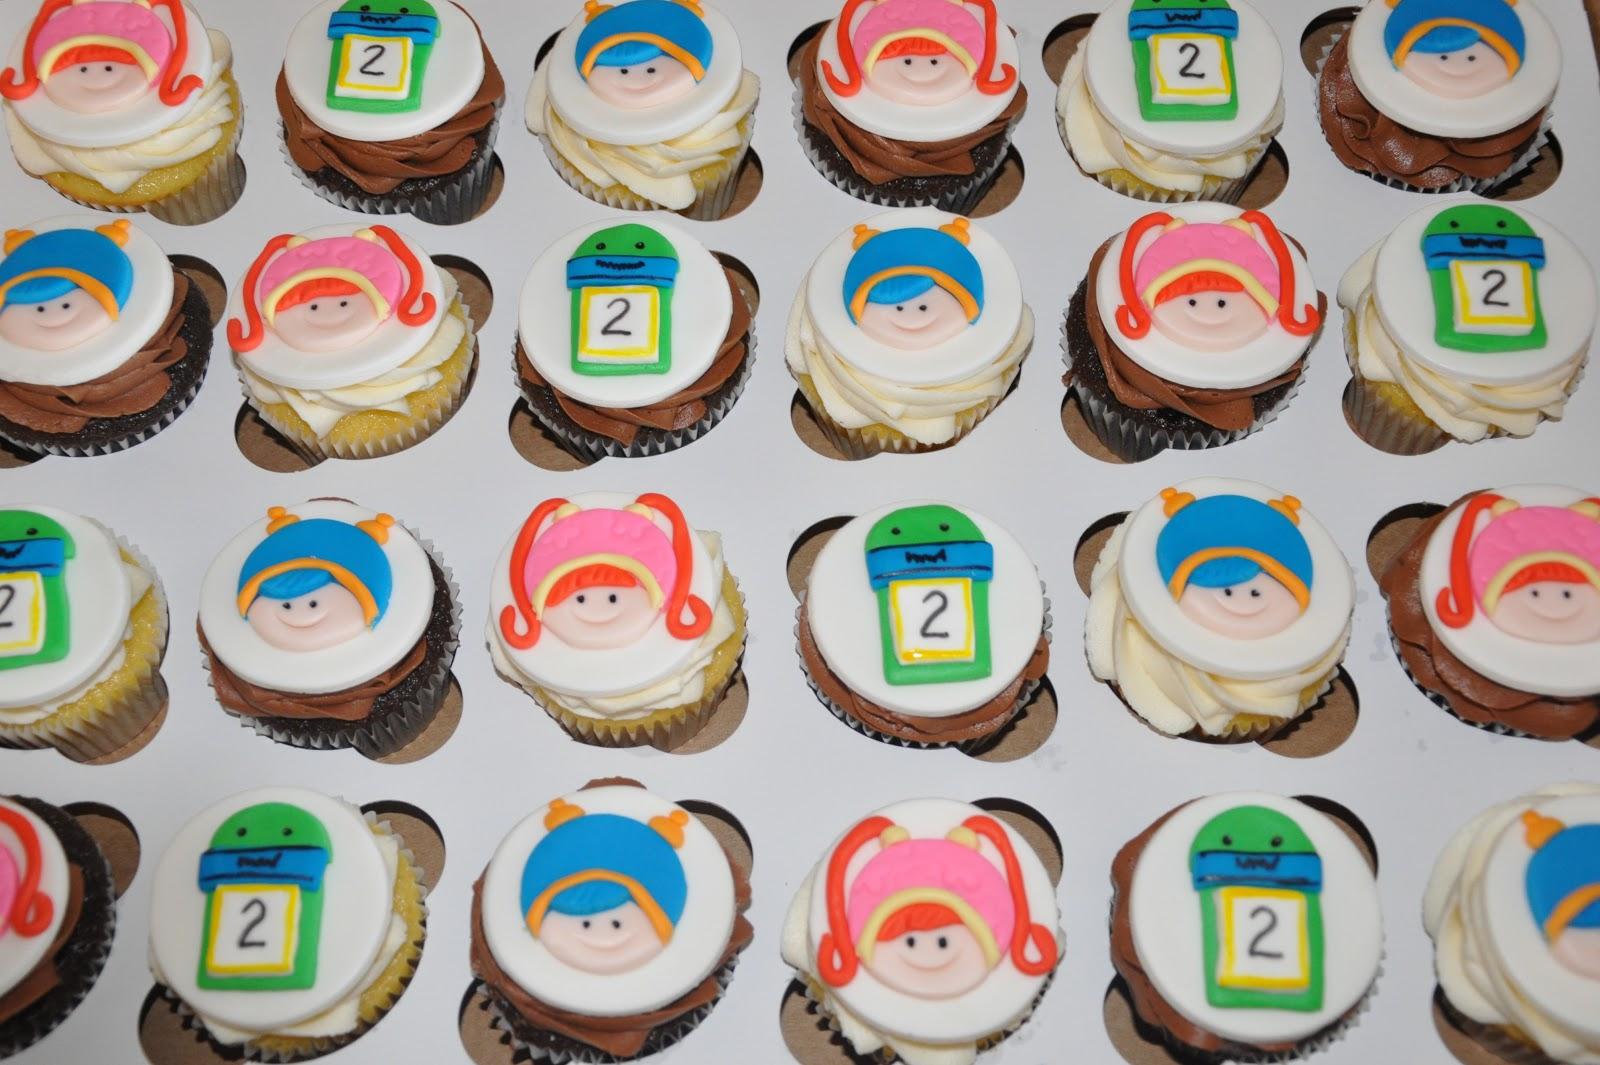 Umizoomi Cupcakes